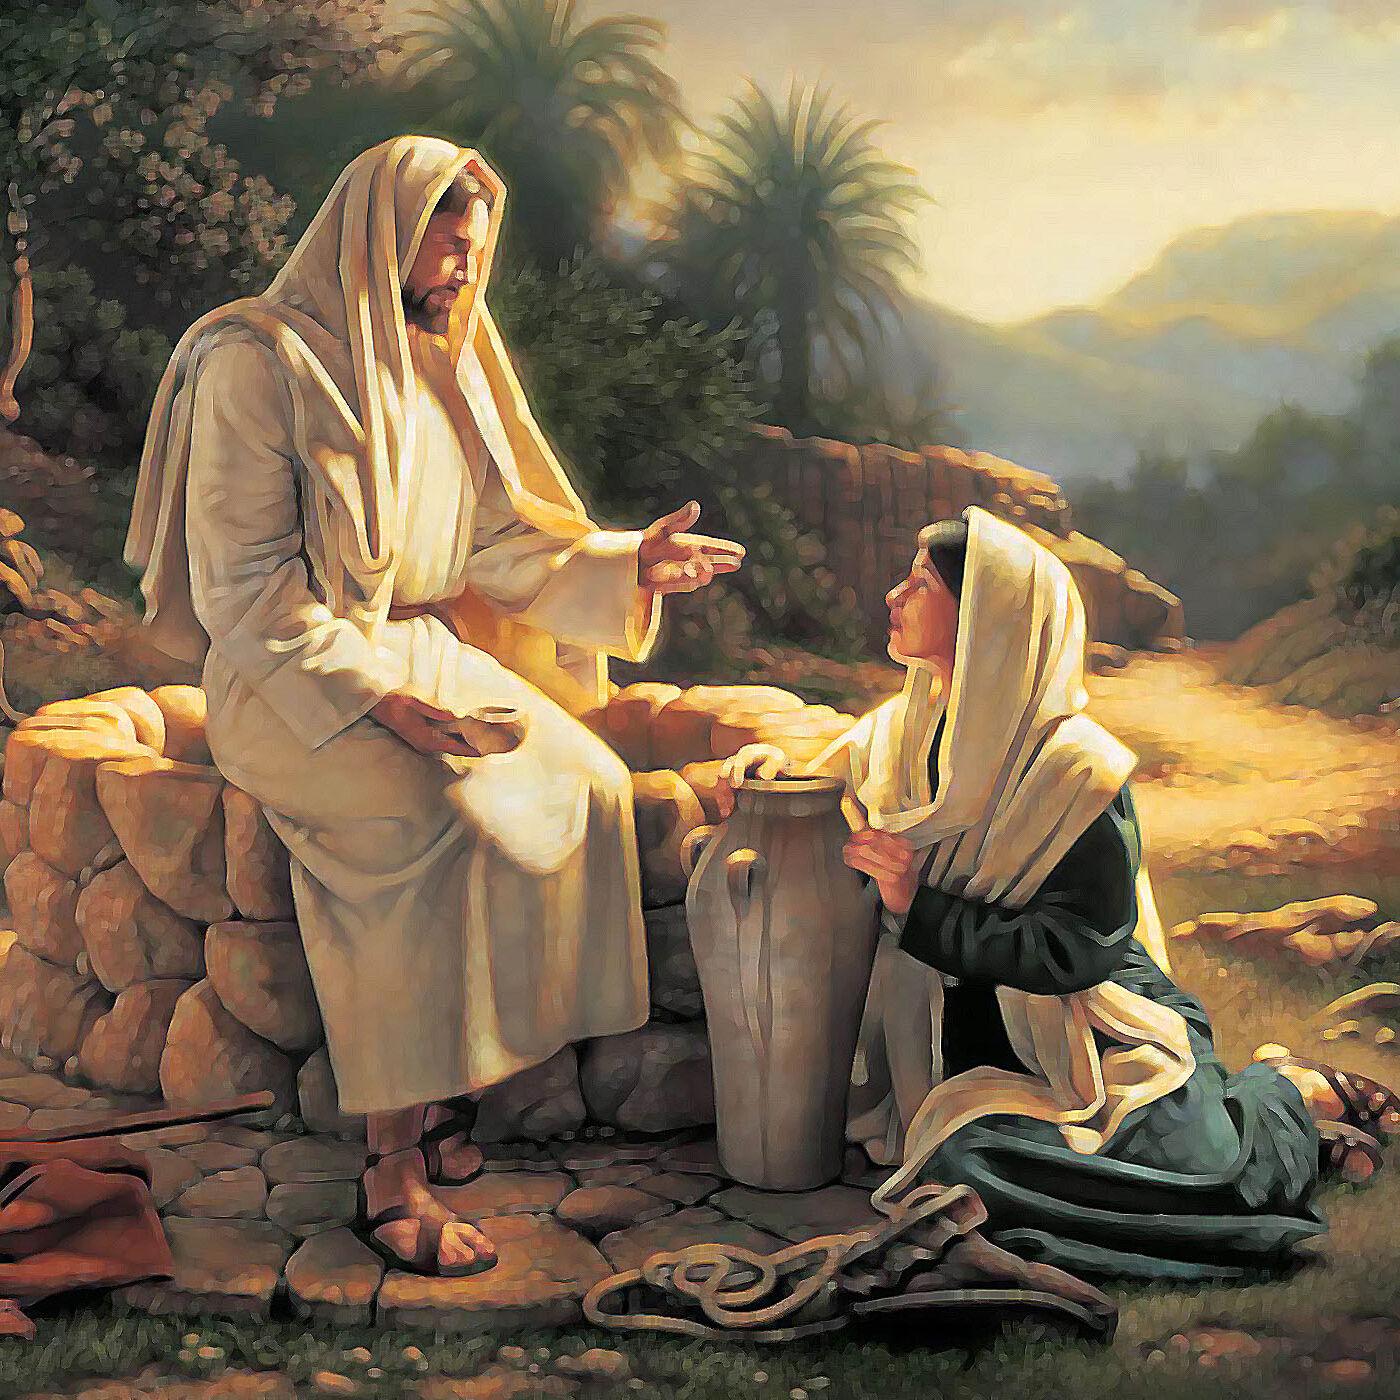 riflessioni sul Vangelo di Martedì 17 Novembre 2020 (Lc 19, 1-10) - Apostola Briana